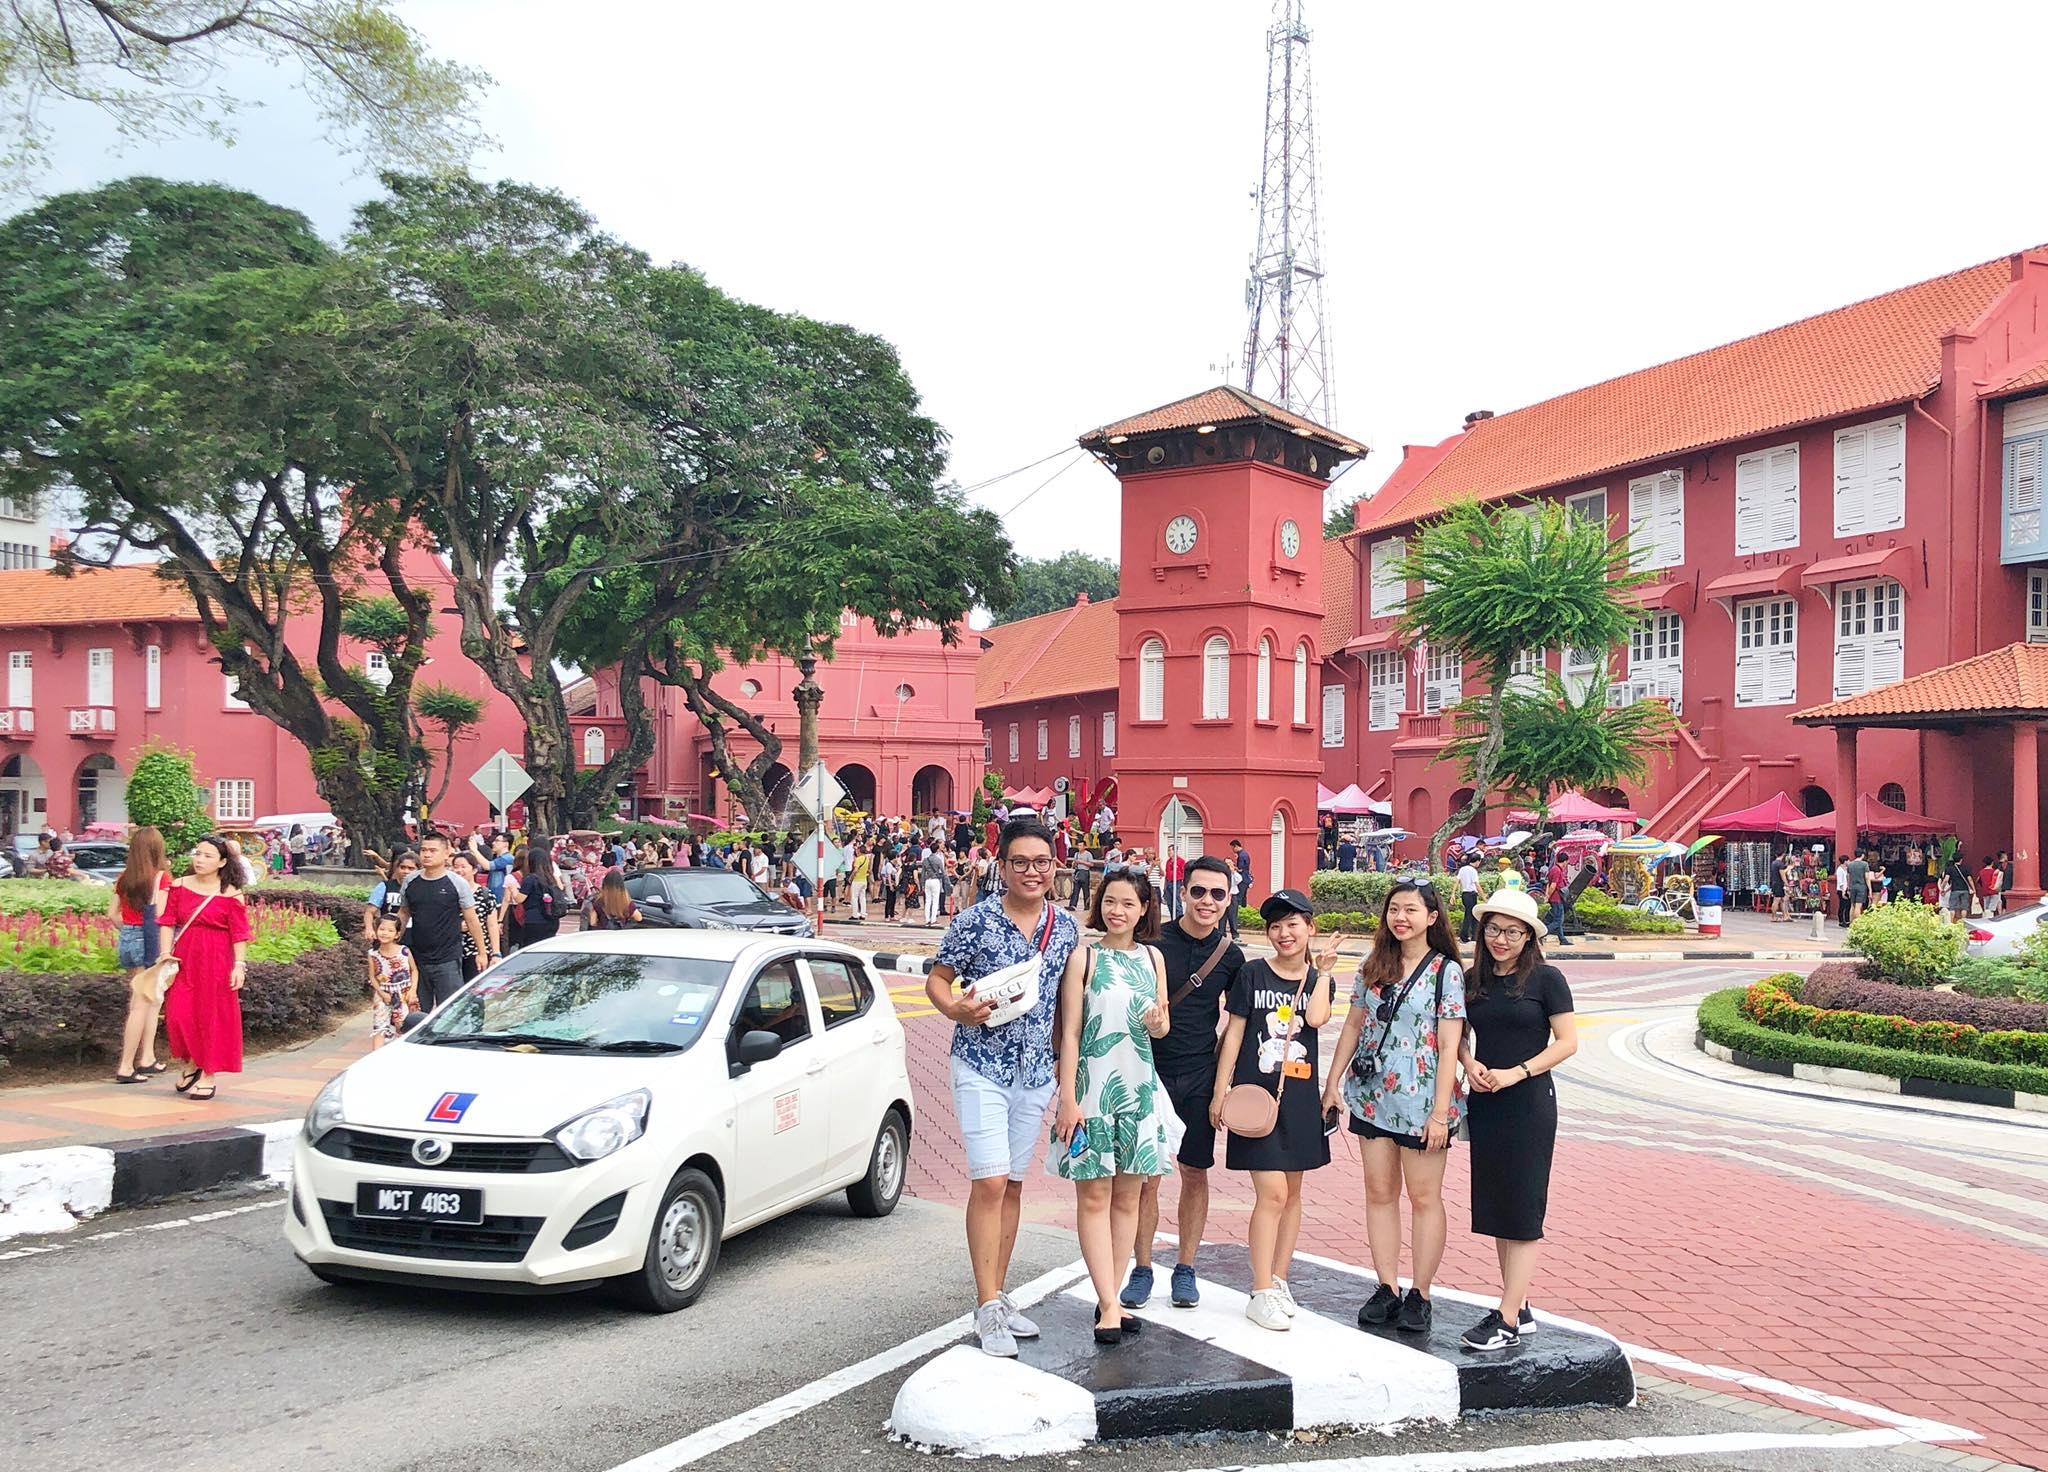 quảng trường hà lan dutch square